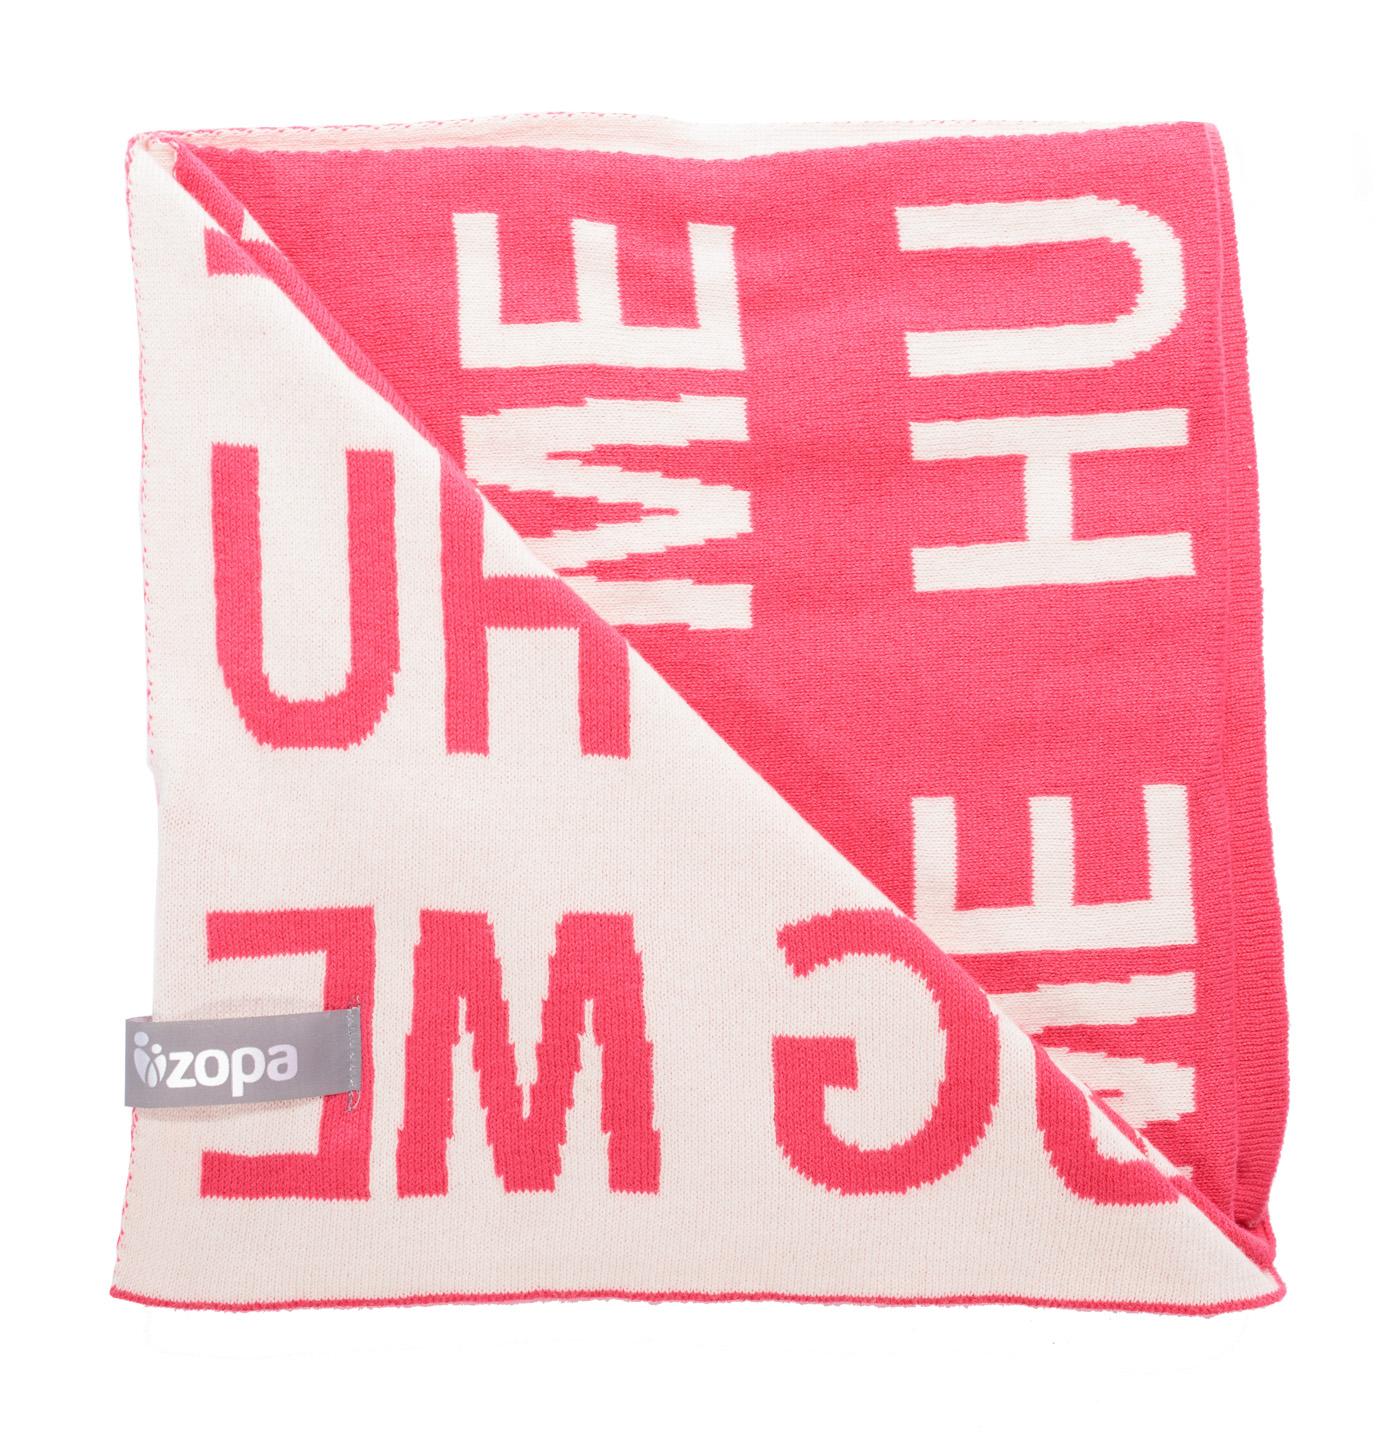 Dětská deka Hug Me, Redwine